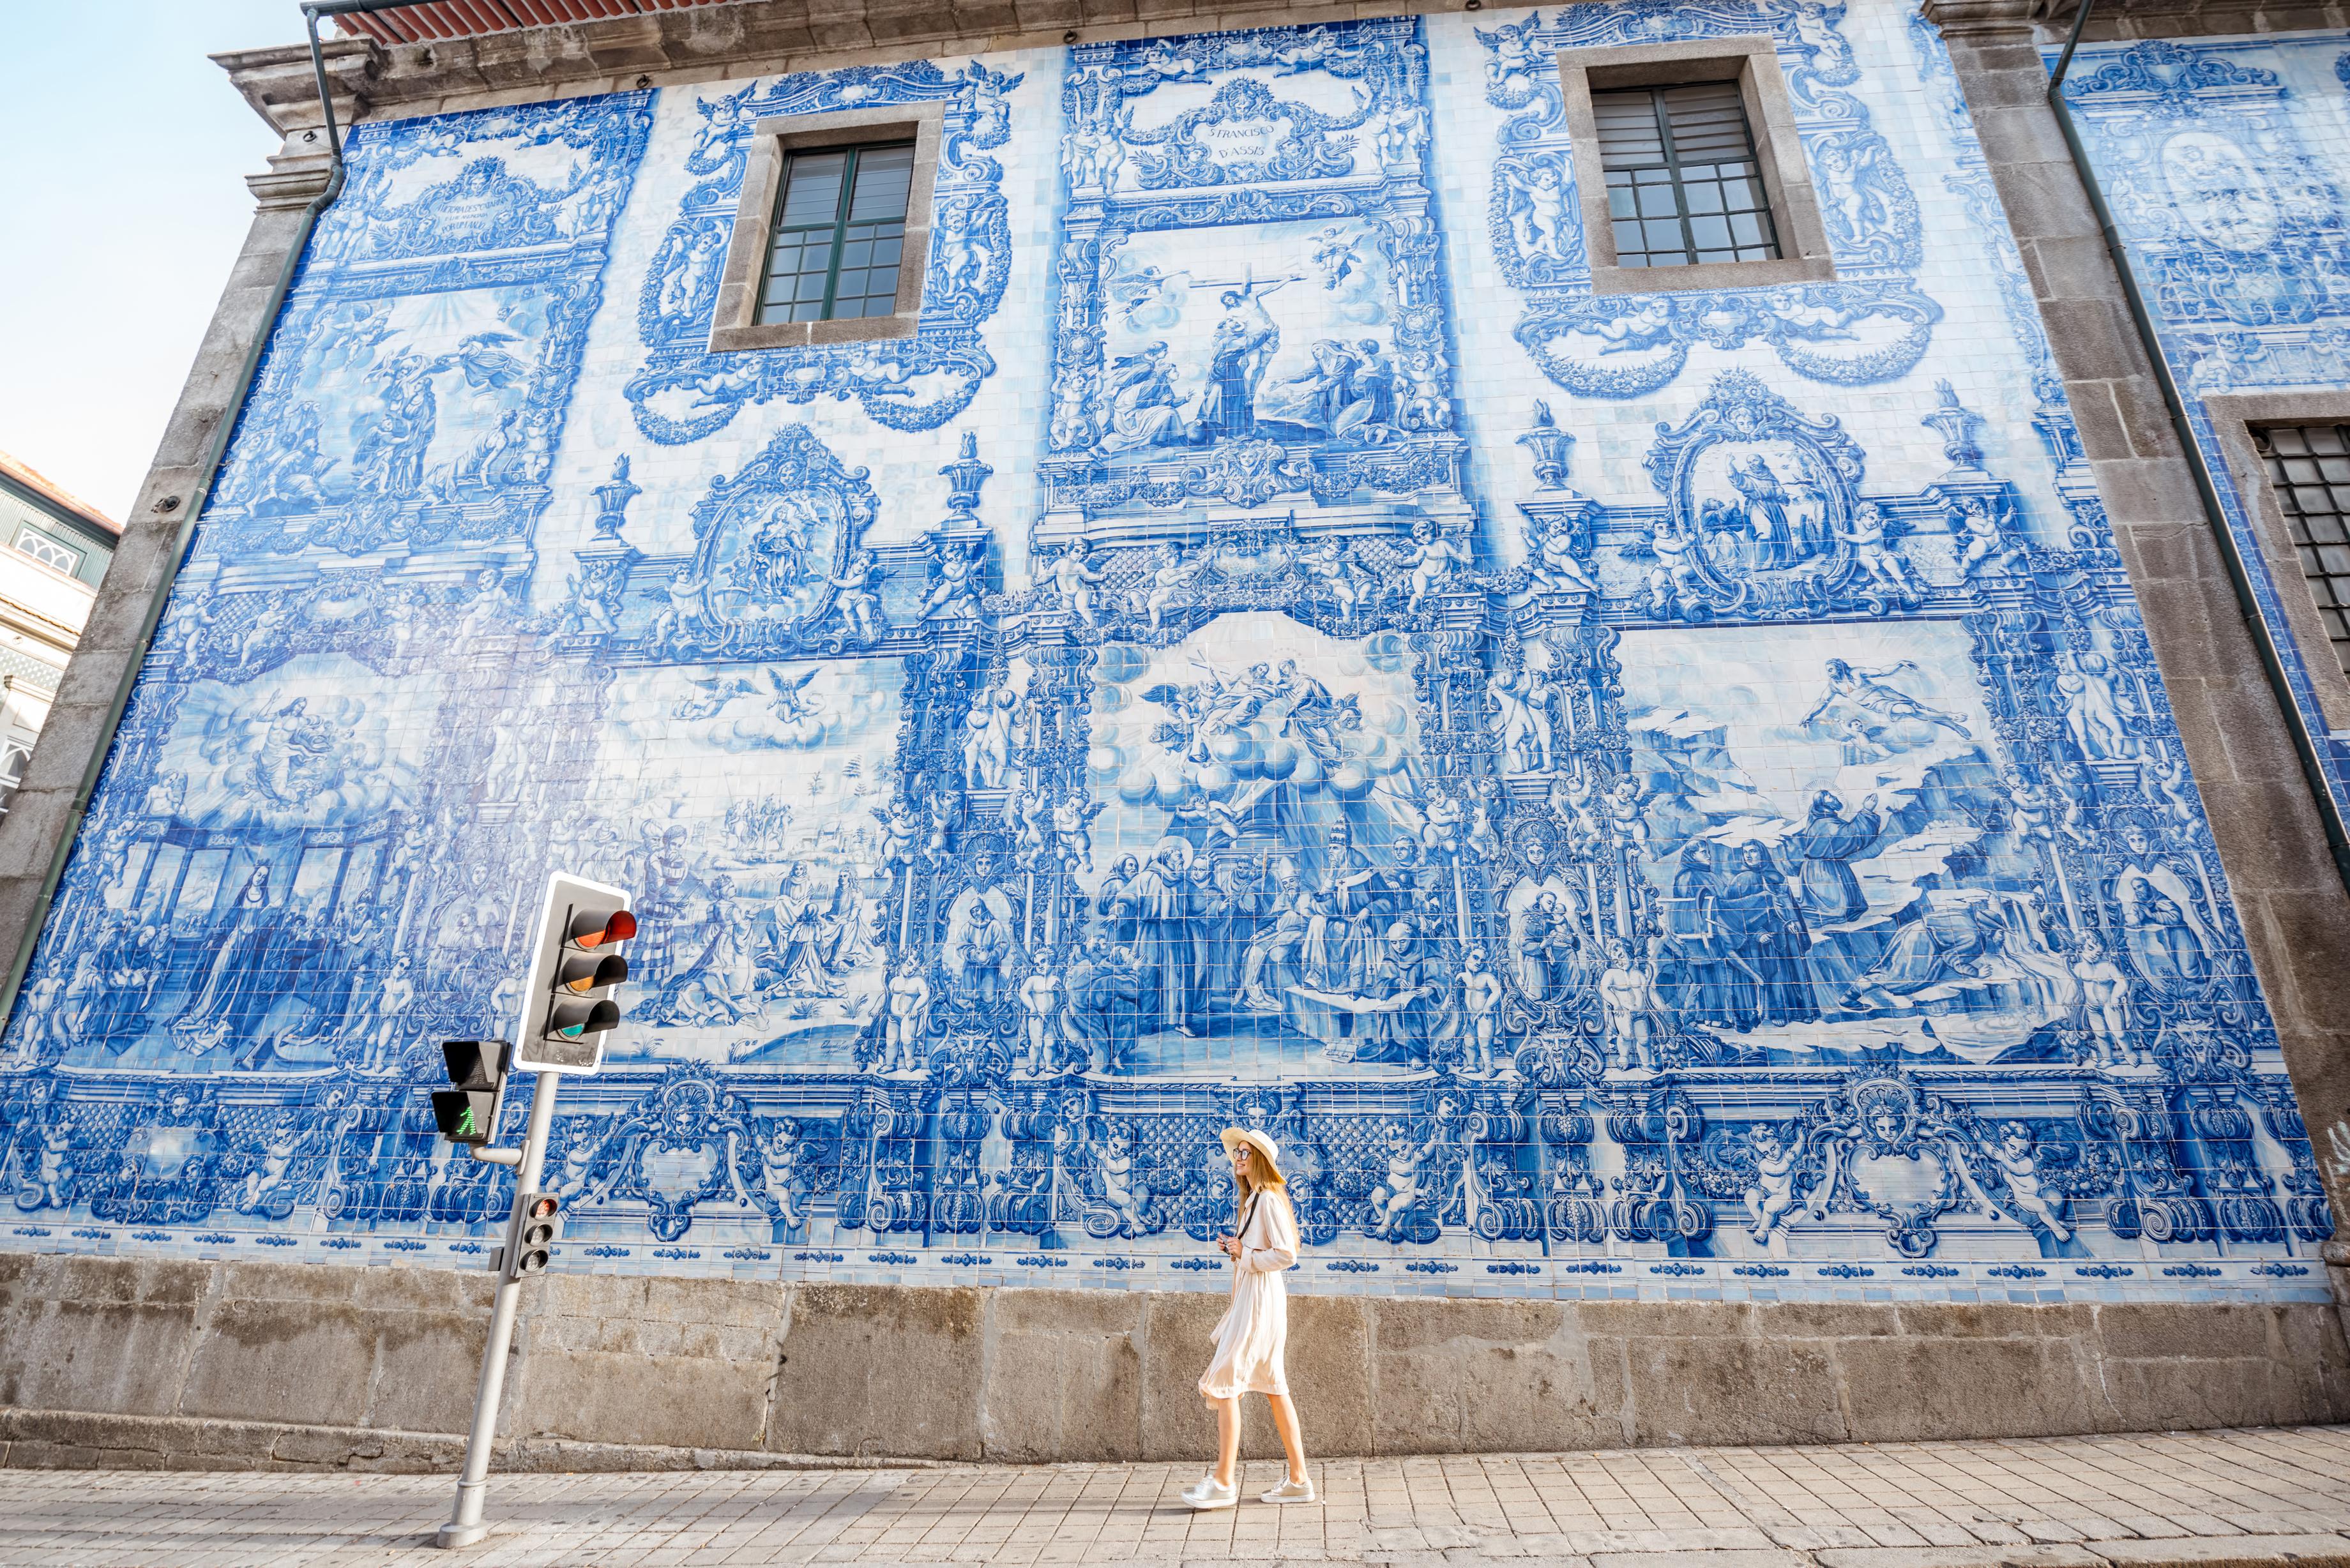 Young woman tourist walking near the chu